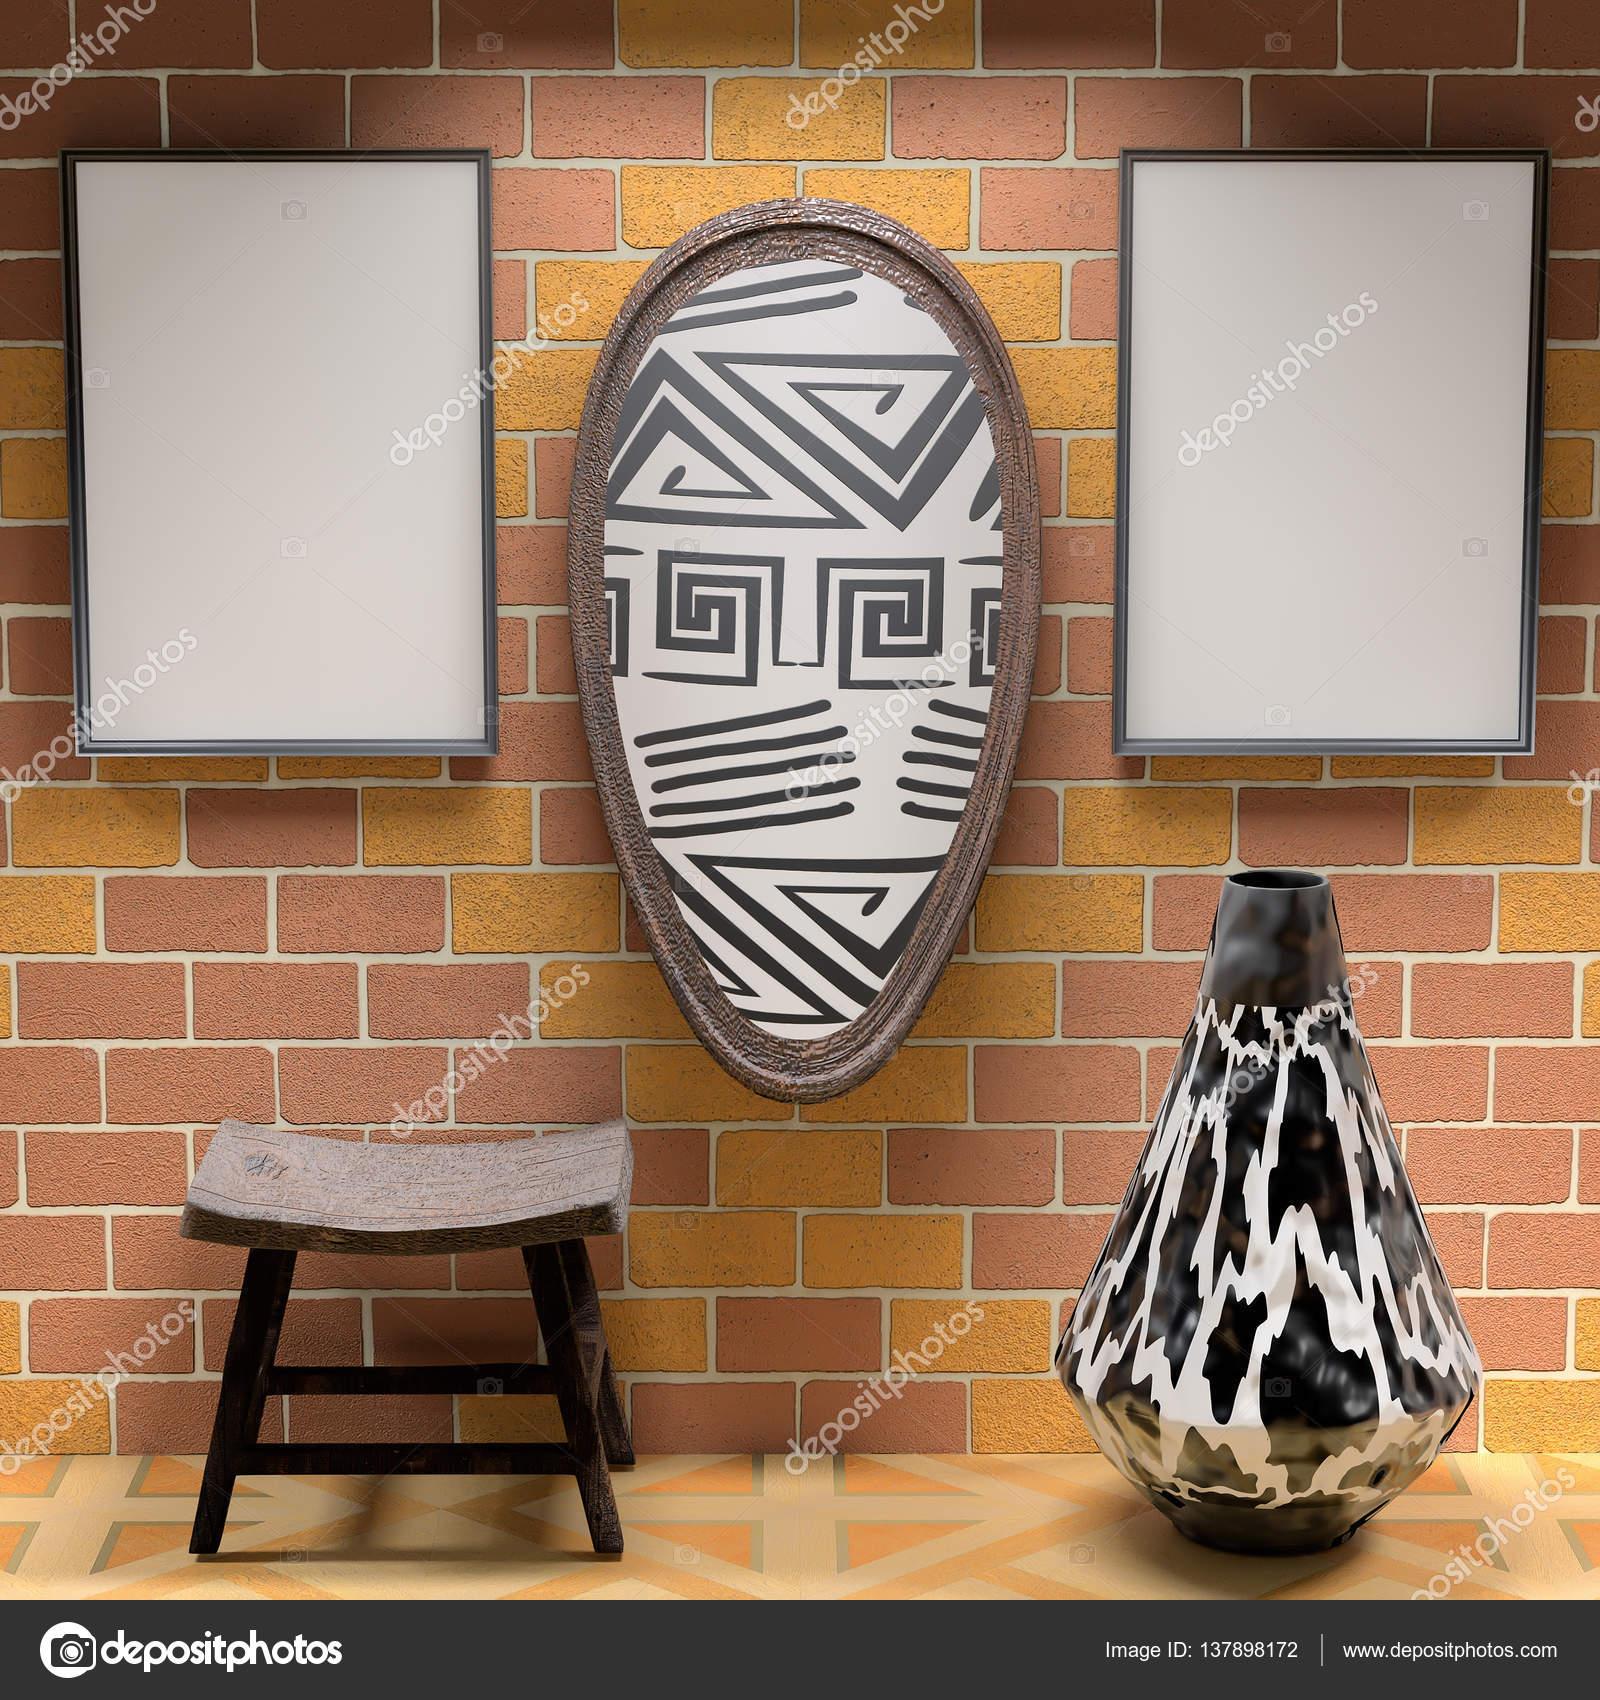 Mocap Afrikanischen Innenraum Wohnzimmer. Leere Bilder Und Schild W U2014  Stockfoto